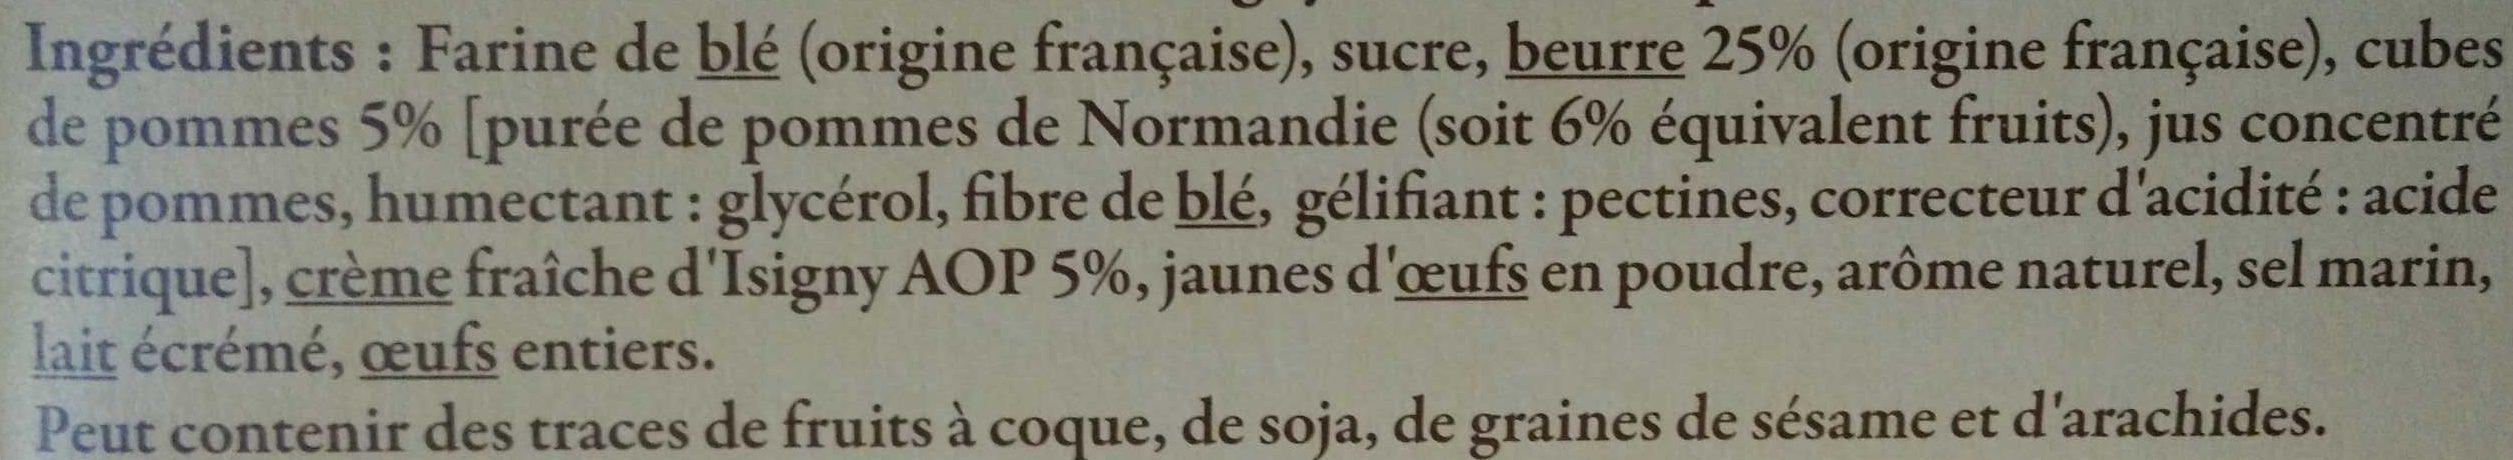 Sablés aux pommes à la crème fraîche d'Isigny AOP et au beurre - Ingrédients - fr